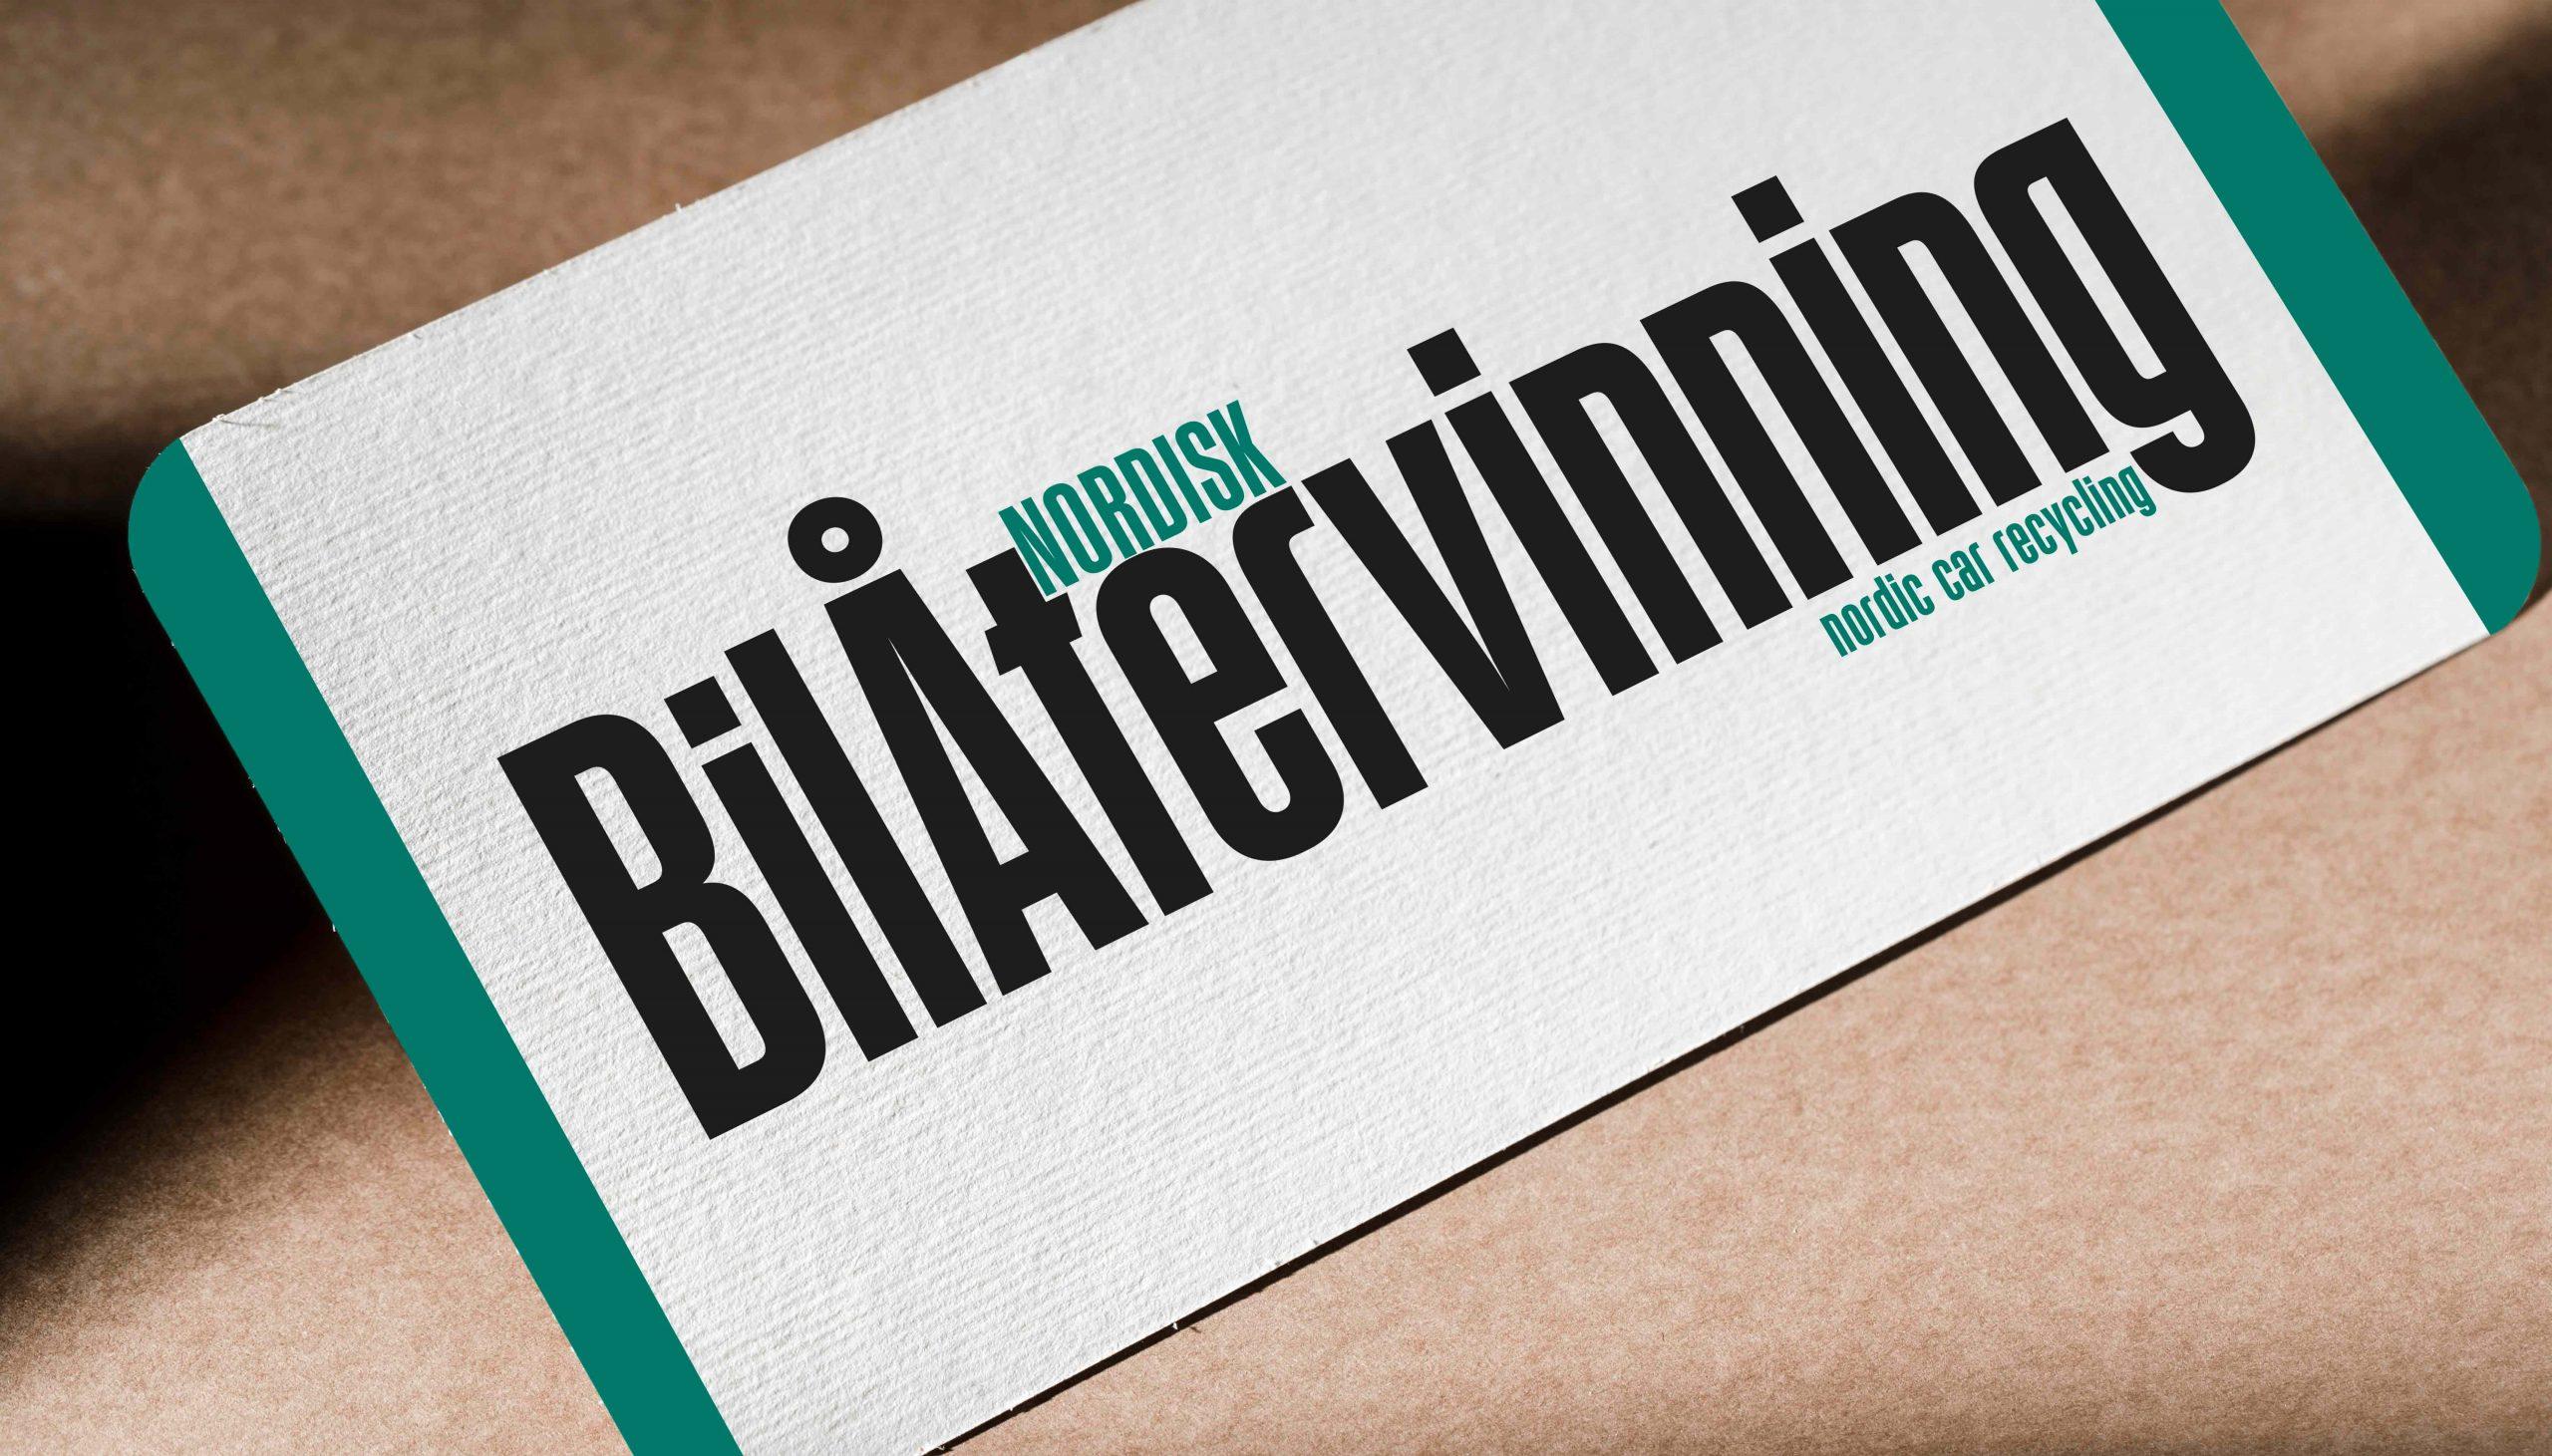 Nordisk Bilåtervinning